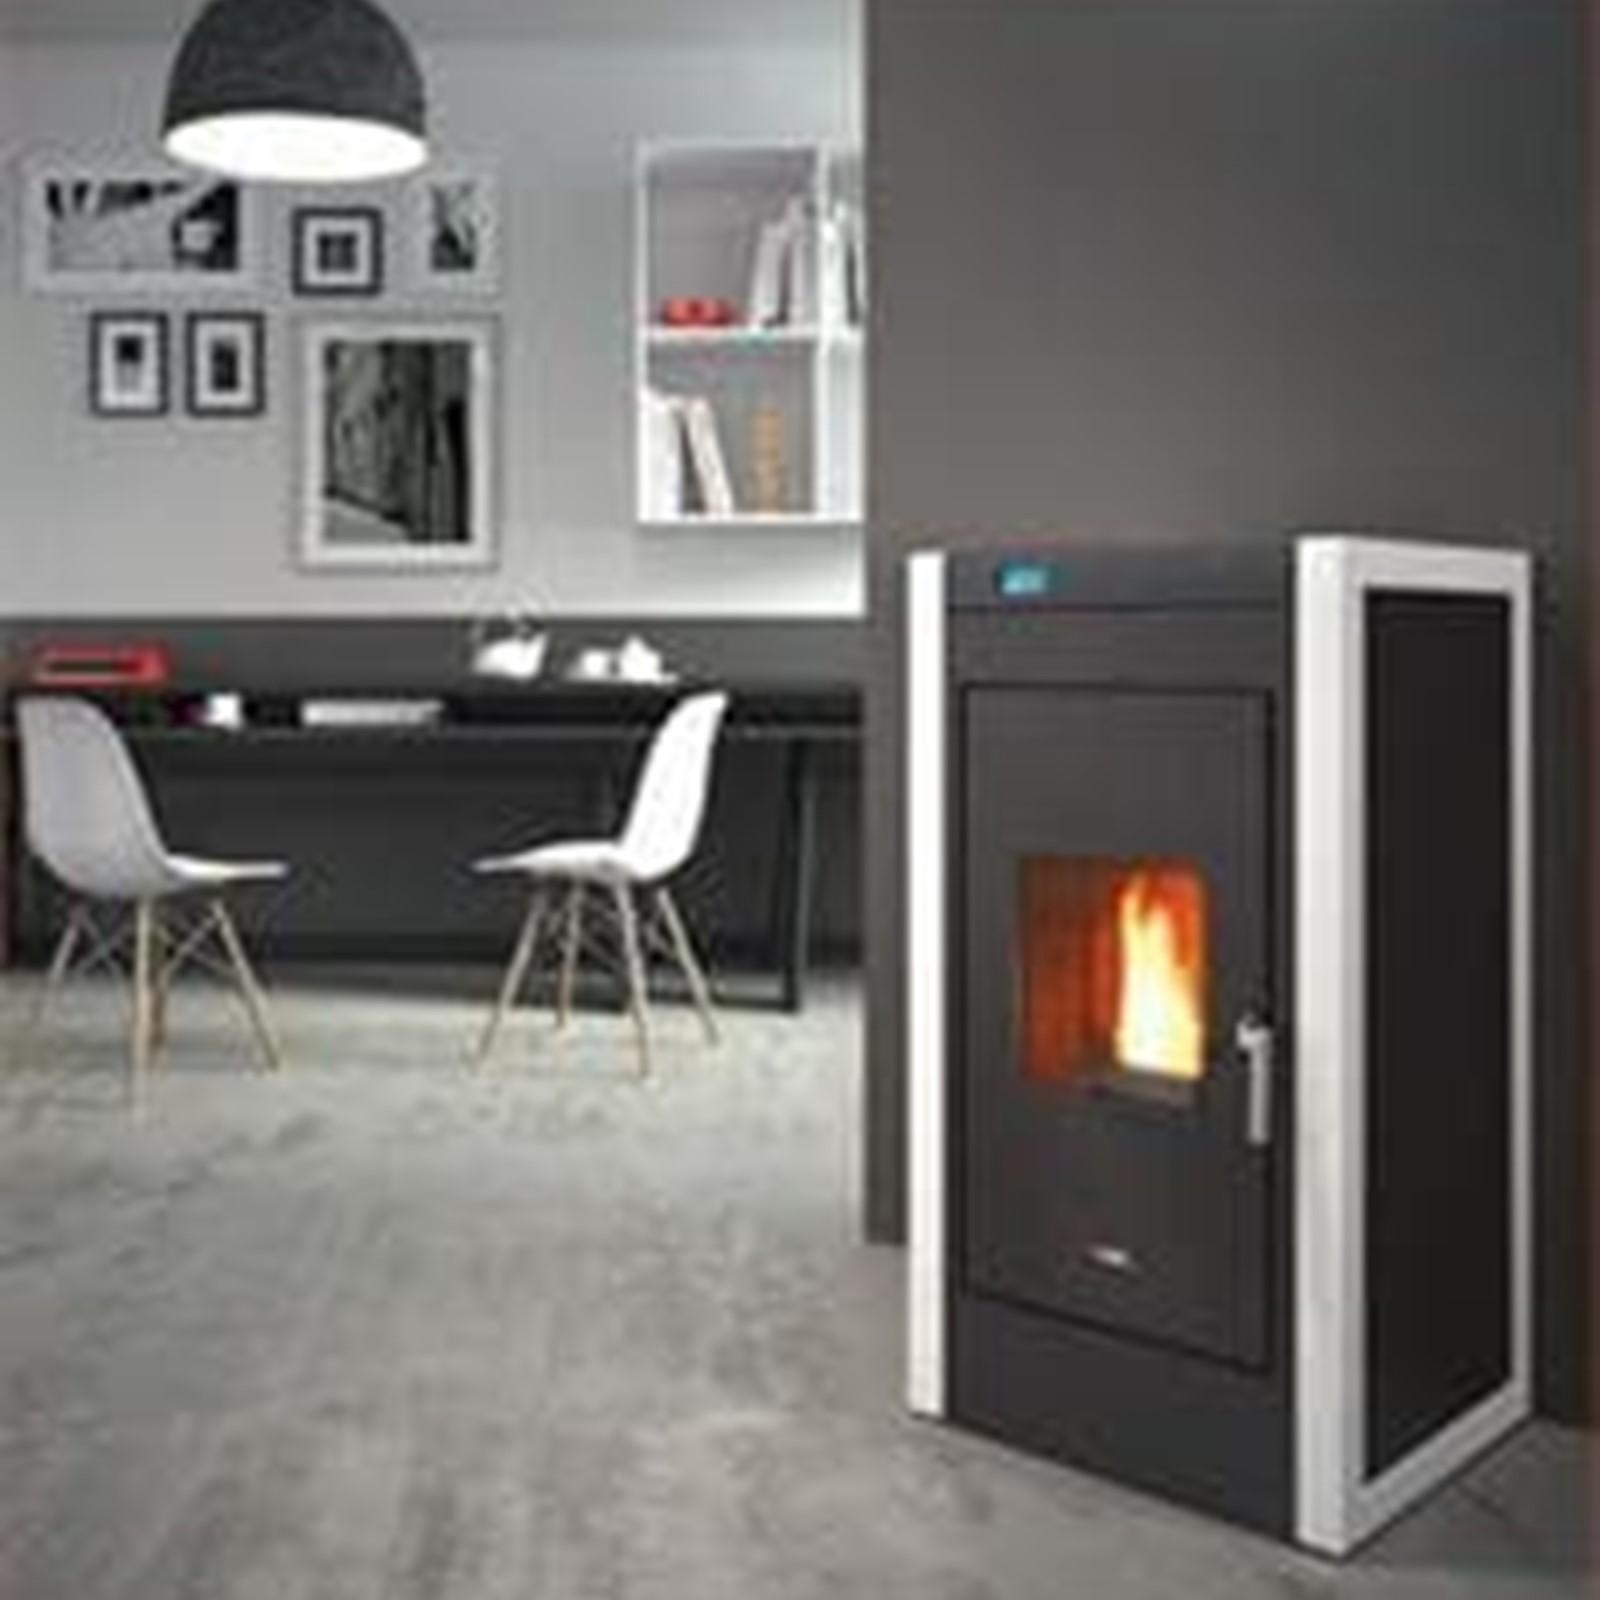 Estufas de pellets idro radiadores o suelo radiante - Estufas de pellets para pisos ...